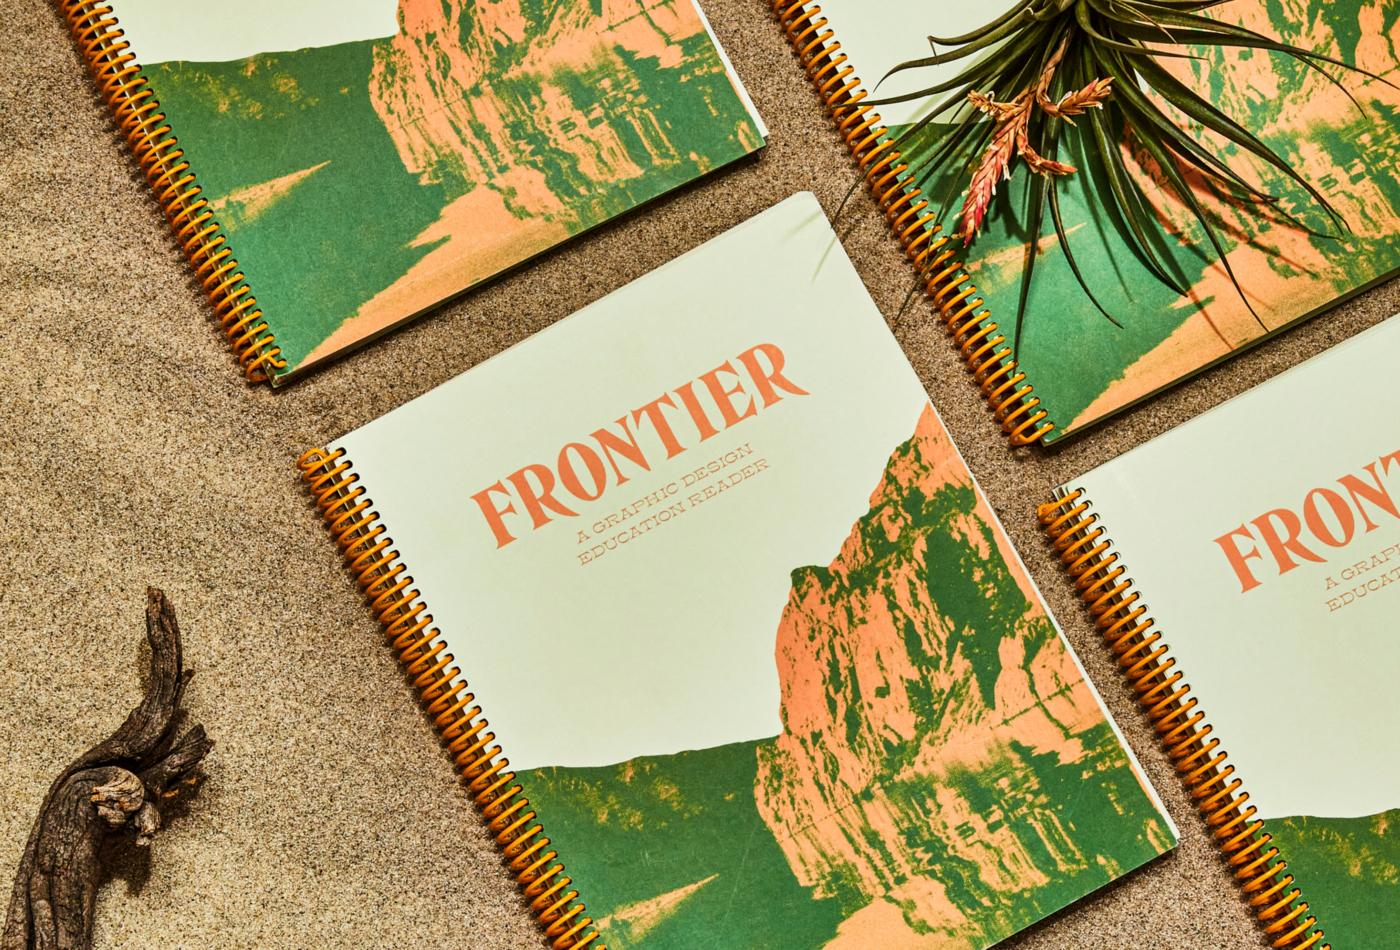 Frontierreader 07